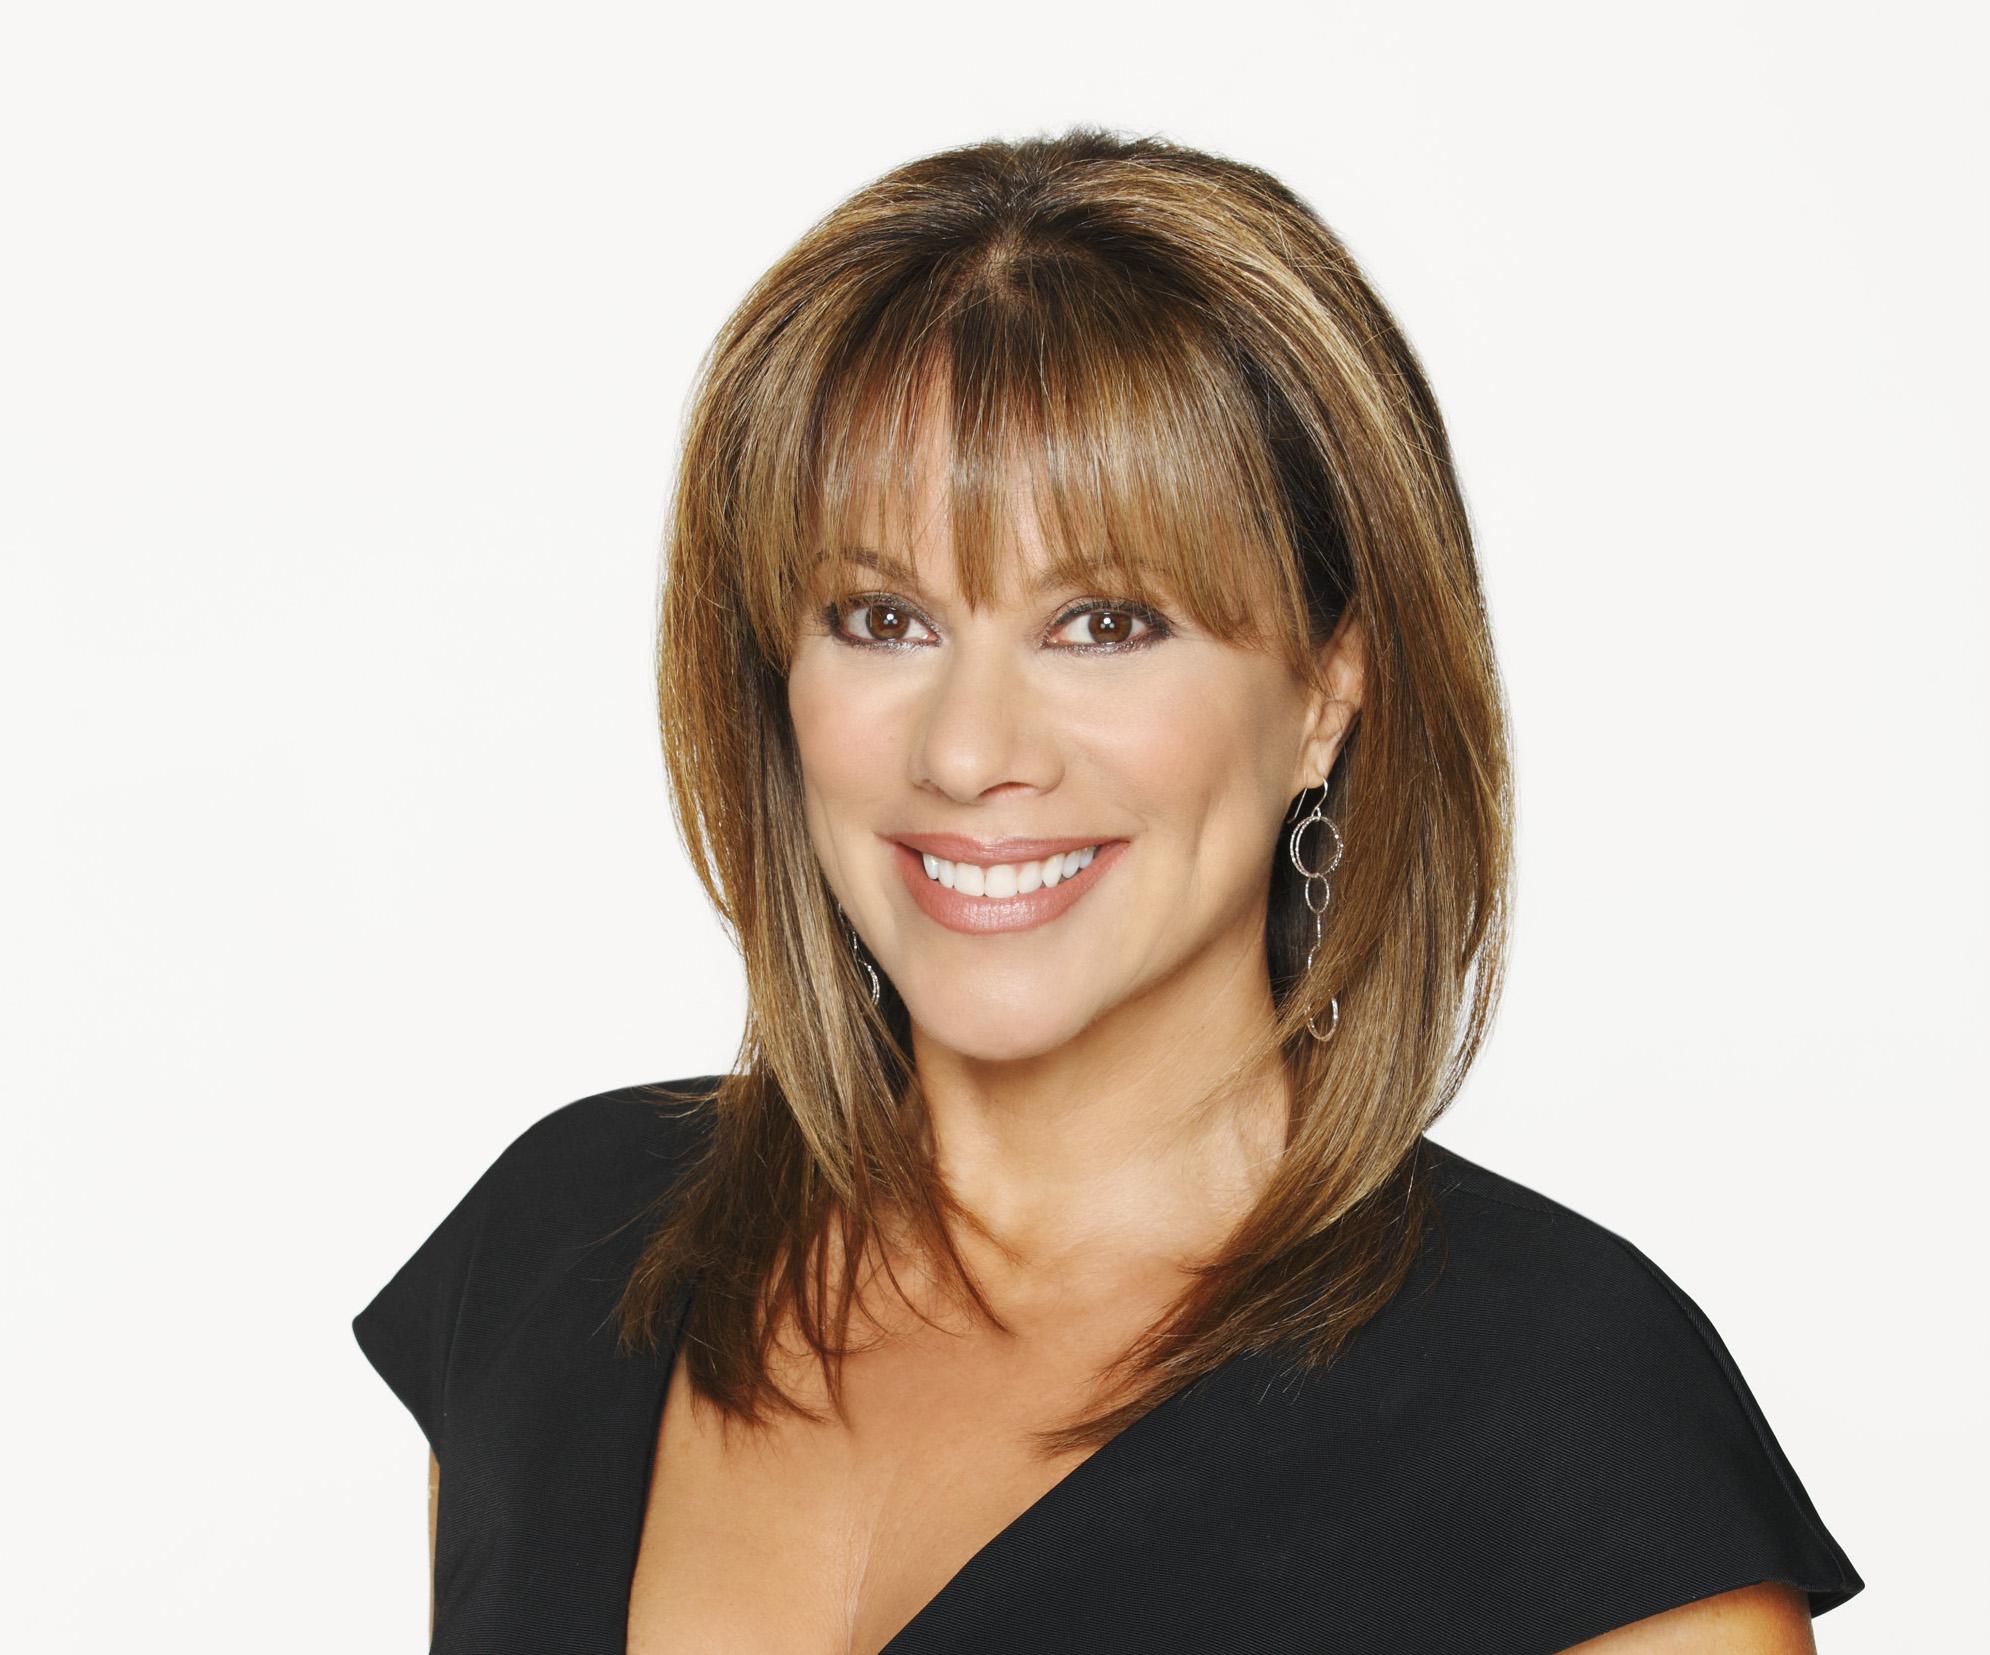 GH Nancy Lee Grahn - ABC/Getty